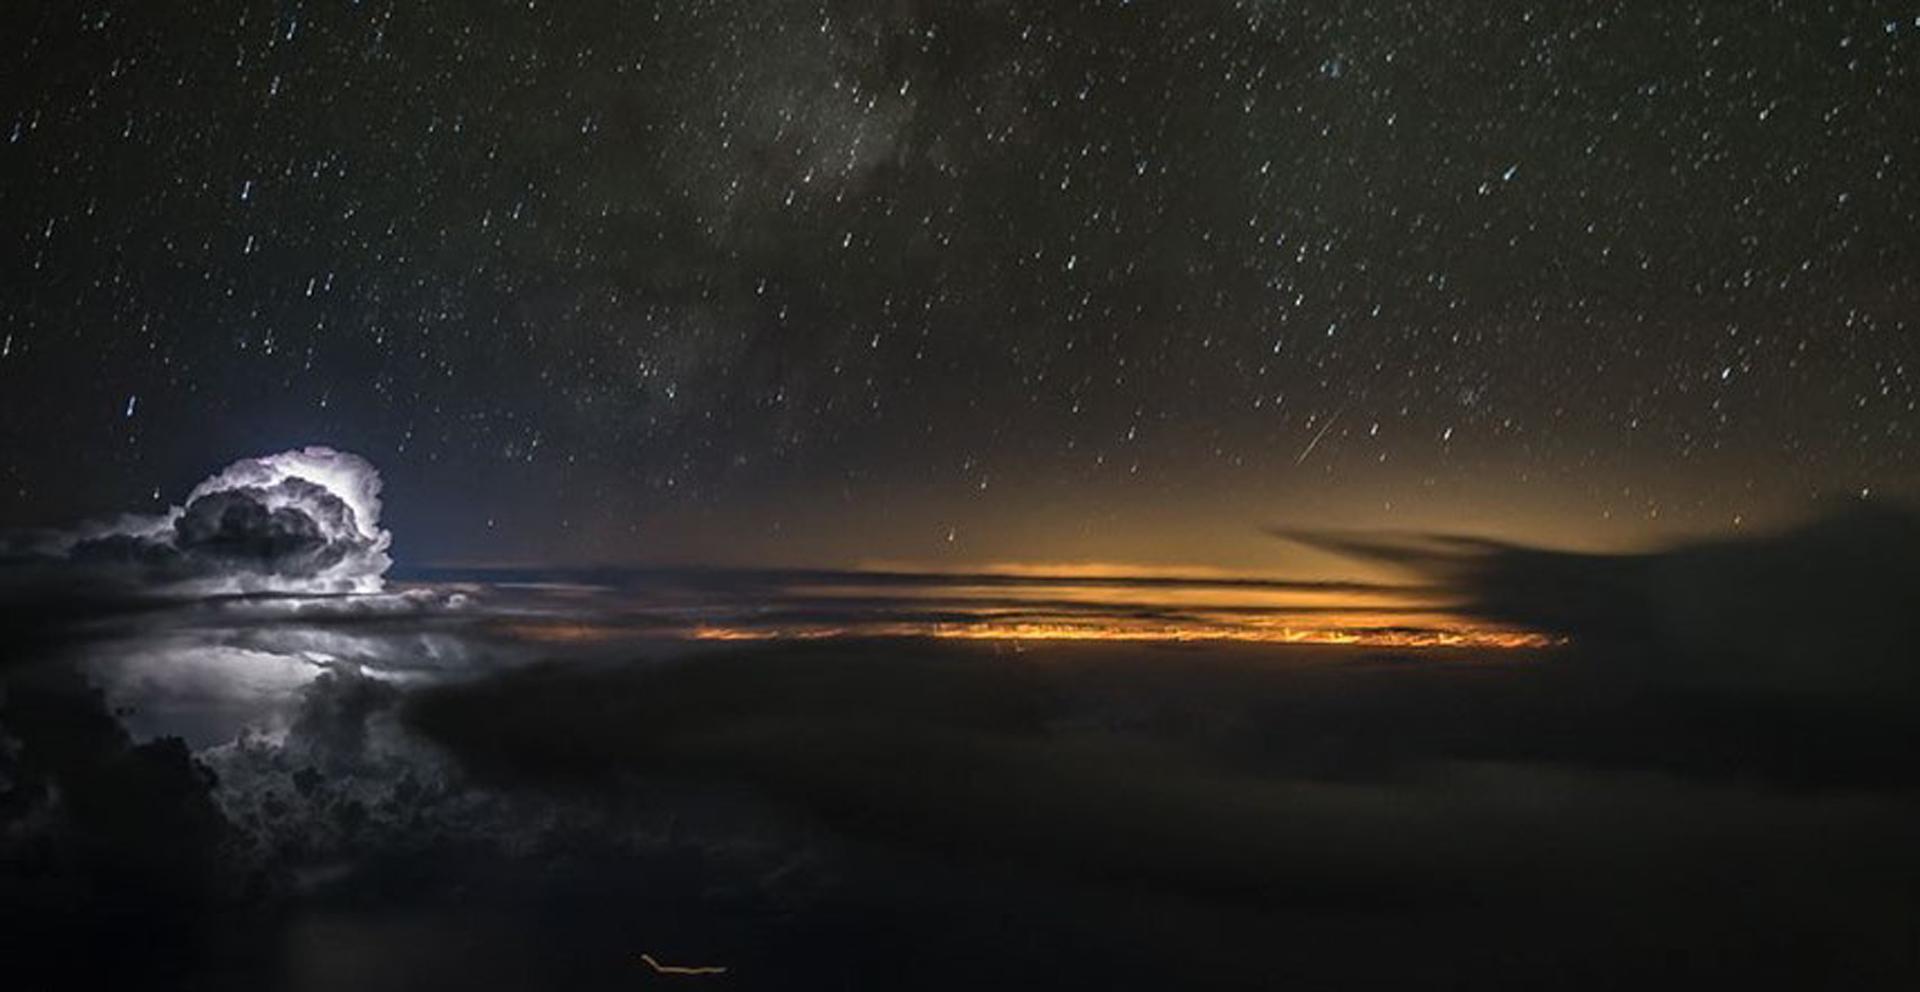 El contraste entre una bola de nubes, el sol que asoma y el cielo oscuro